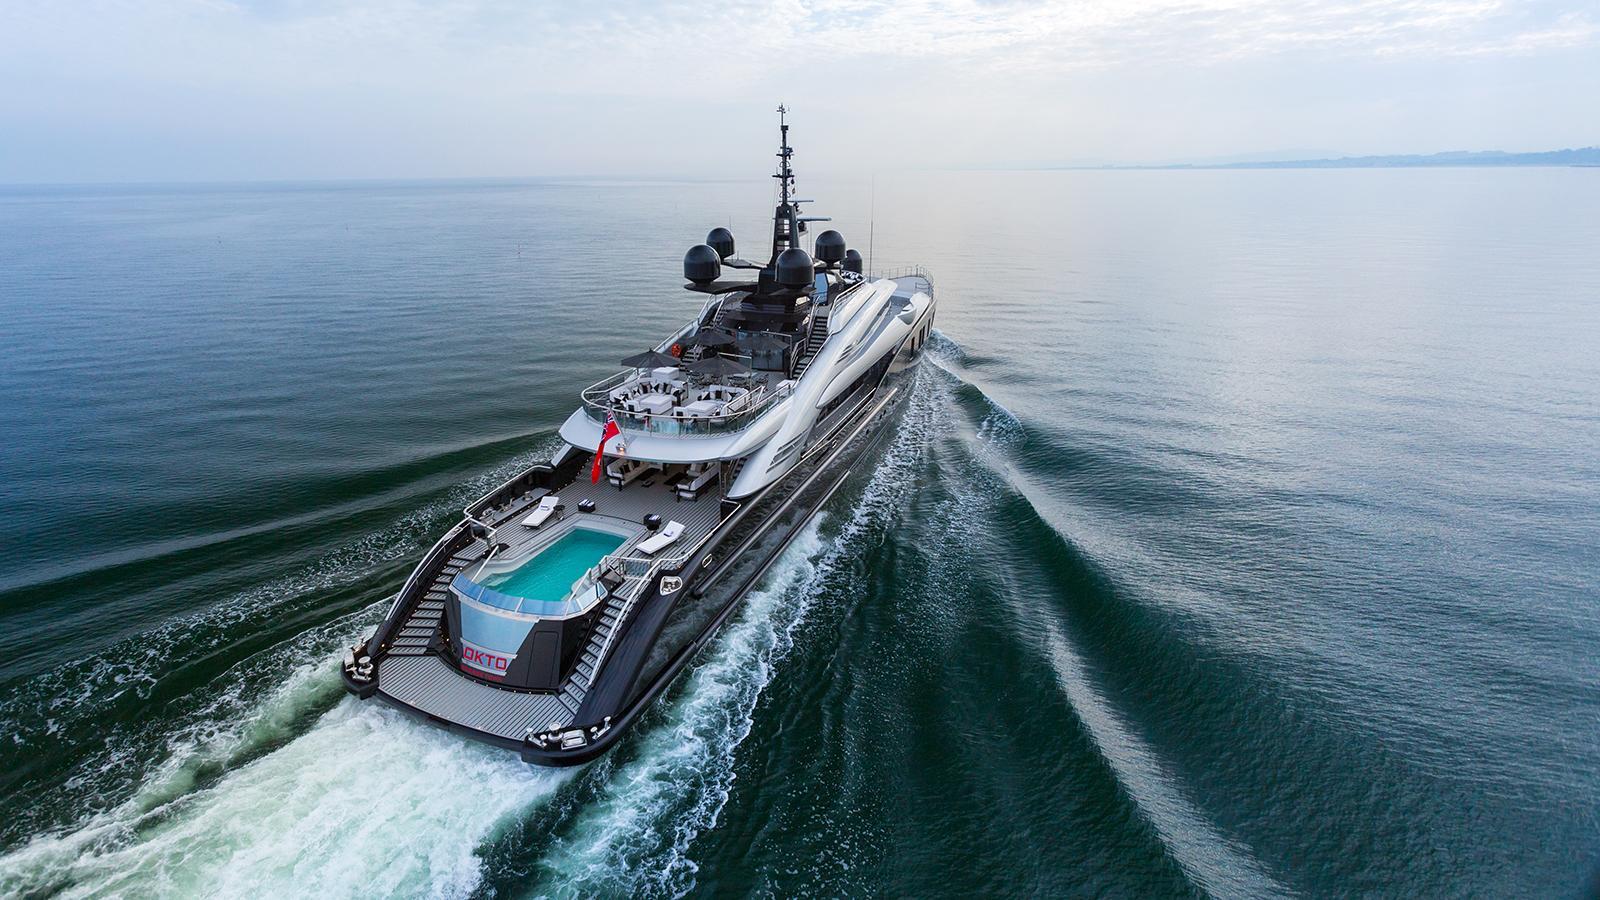 oDiwwWDOTWWrahbbAKvb_okto-yacht-aft-1600x900.jpg